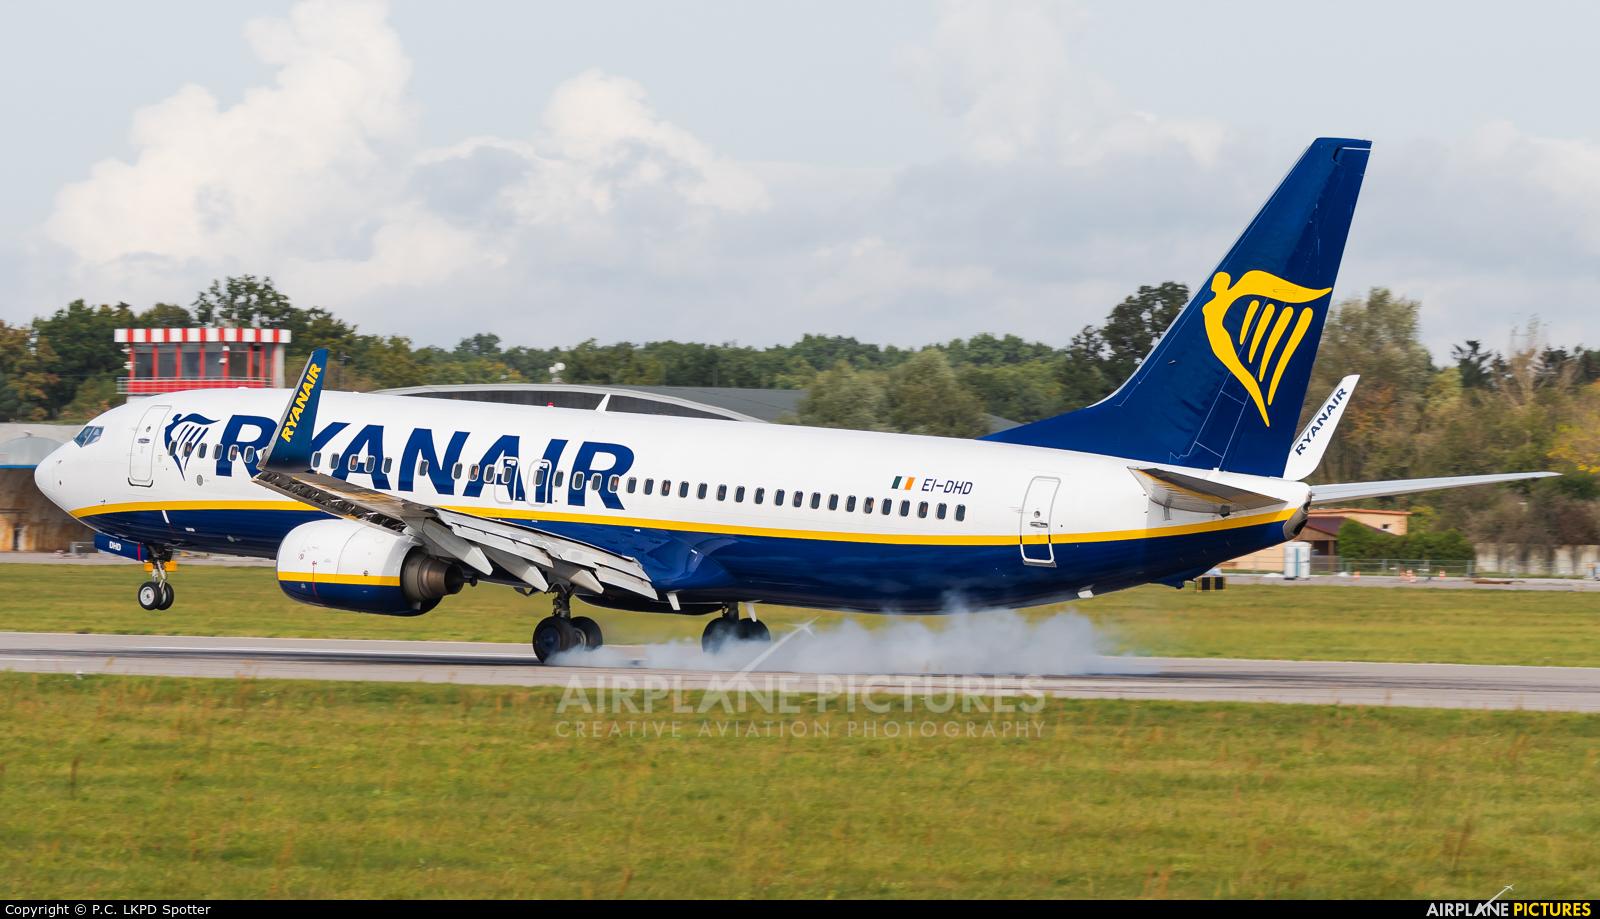 Ryanair EI-DHD aircraft at Pardubice